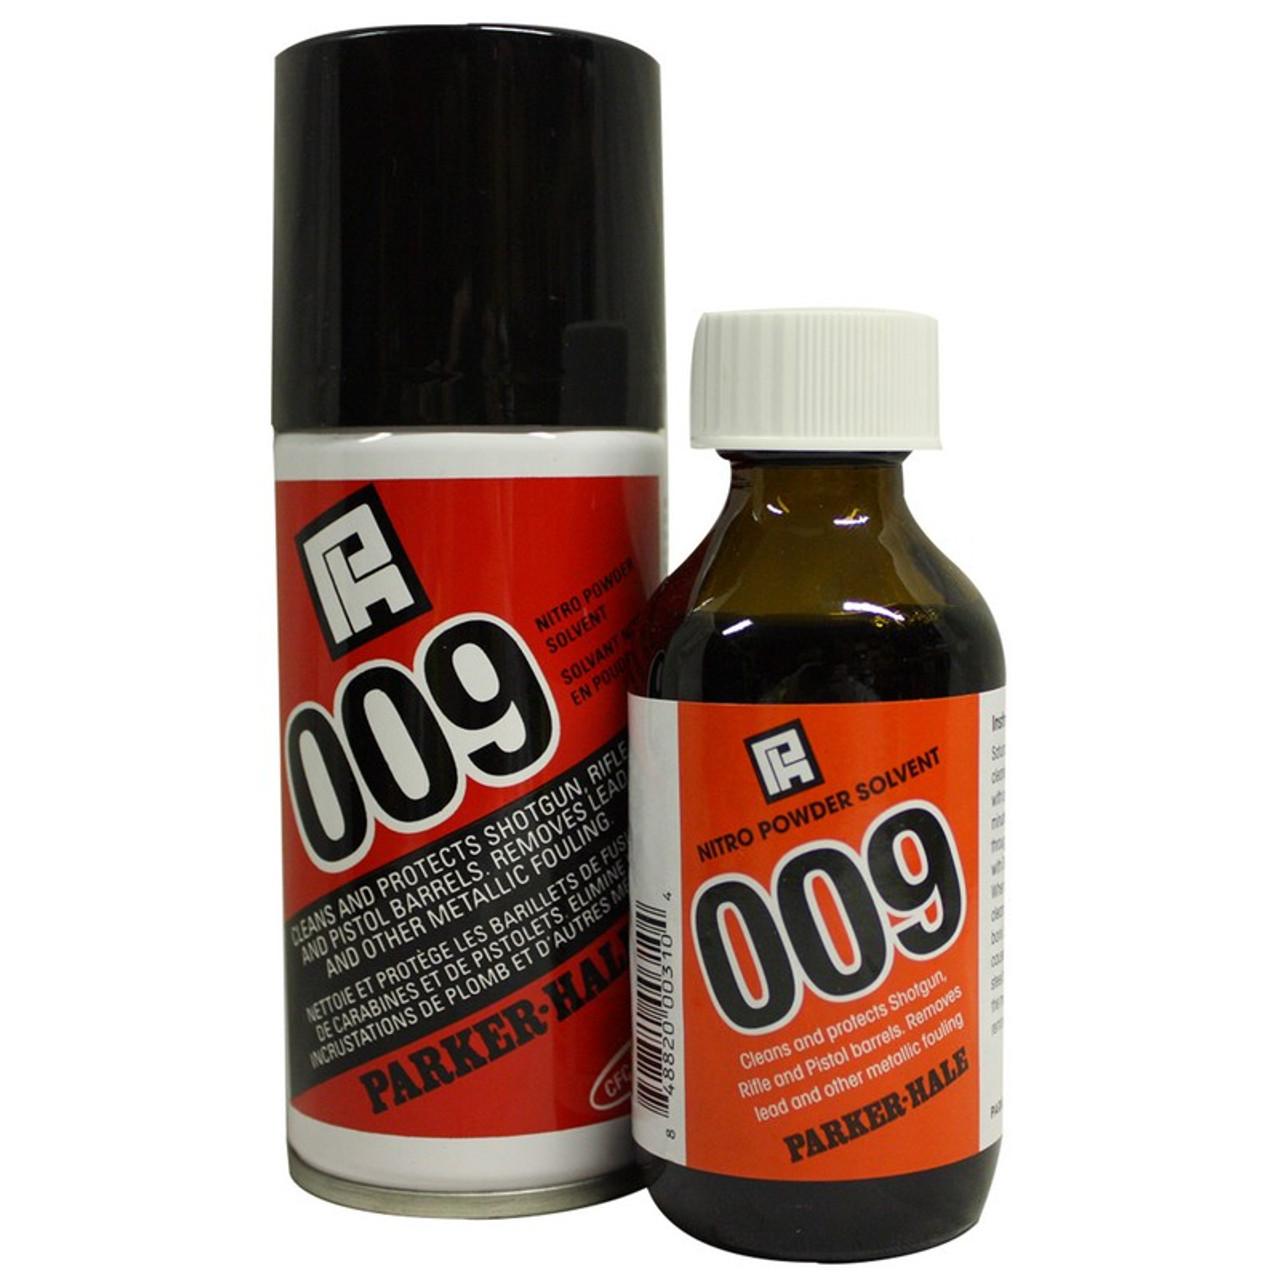 Parker Hale 009 solvent